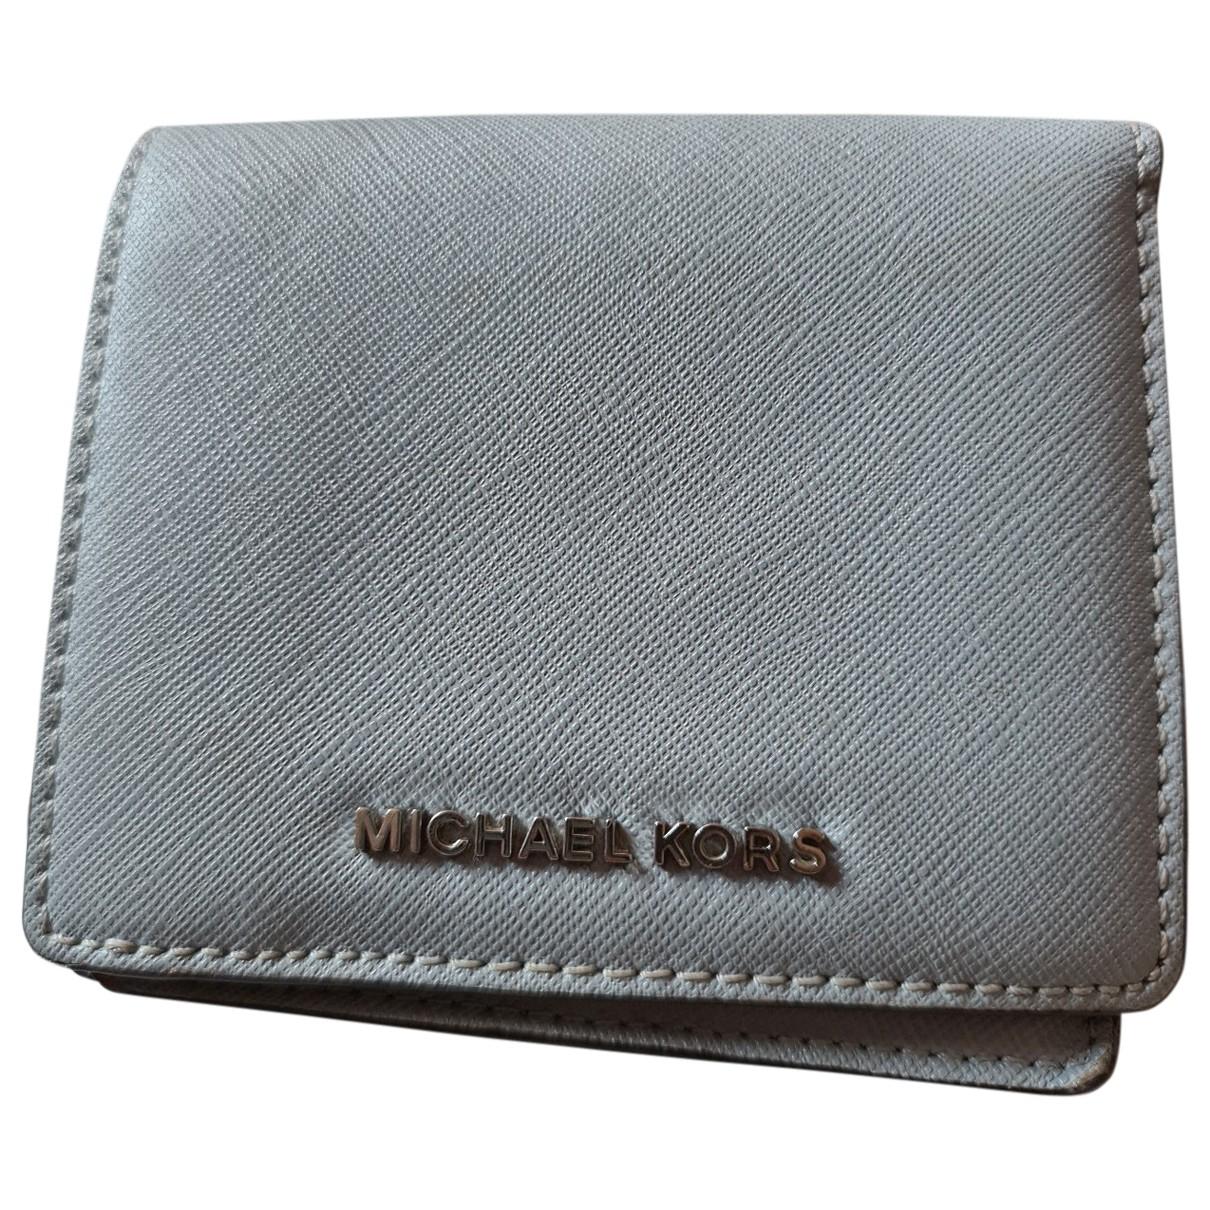 Michael Kors - Portefeuille   pour femme en cuir - anthracite